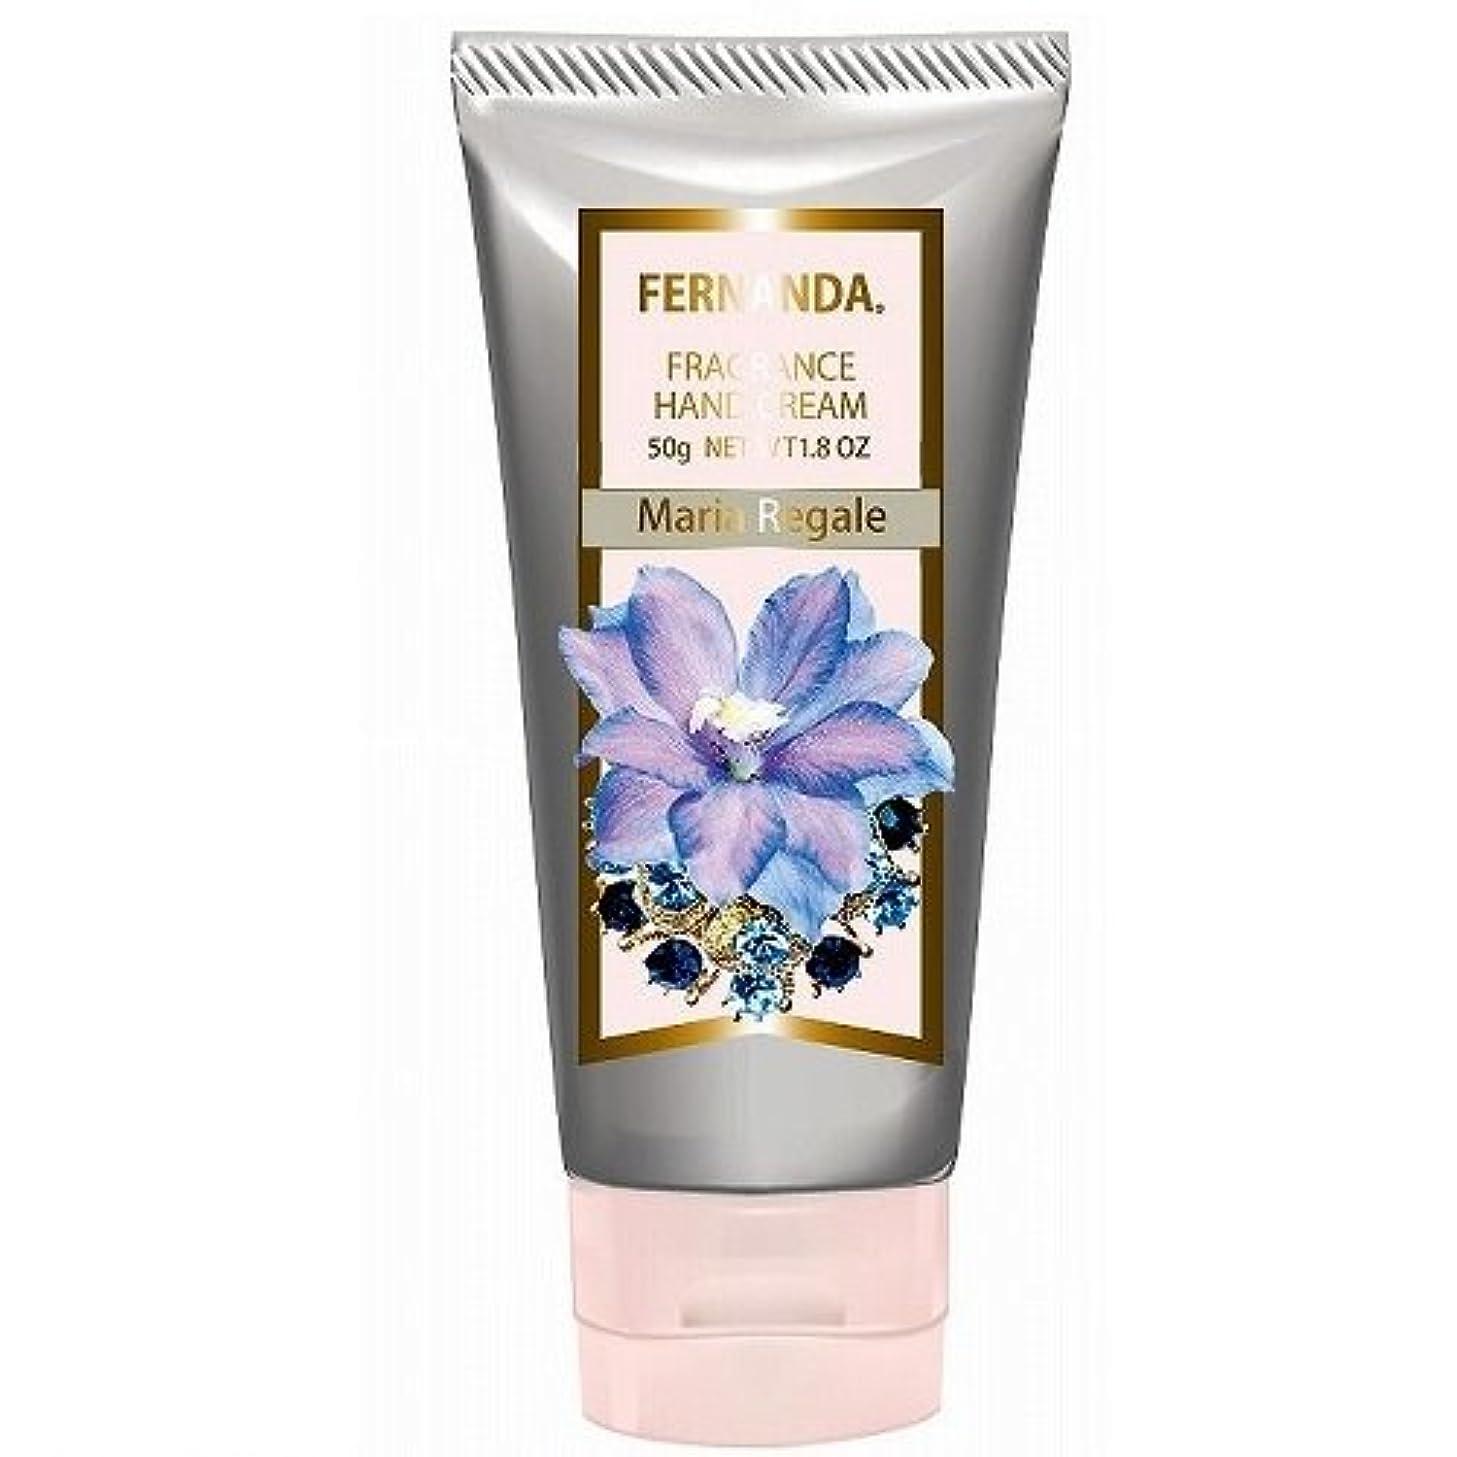 配管工大宇宙相続人FERNANDA(フェルナンダ) Hand Cream Maria Regale (ハンド クリーム マリアリゲル)